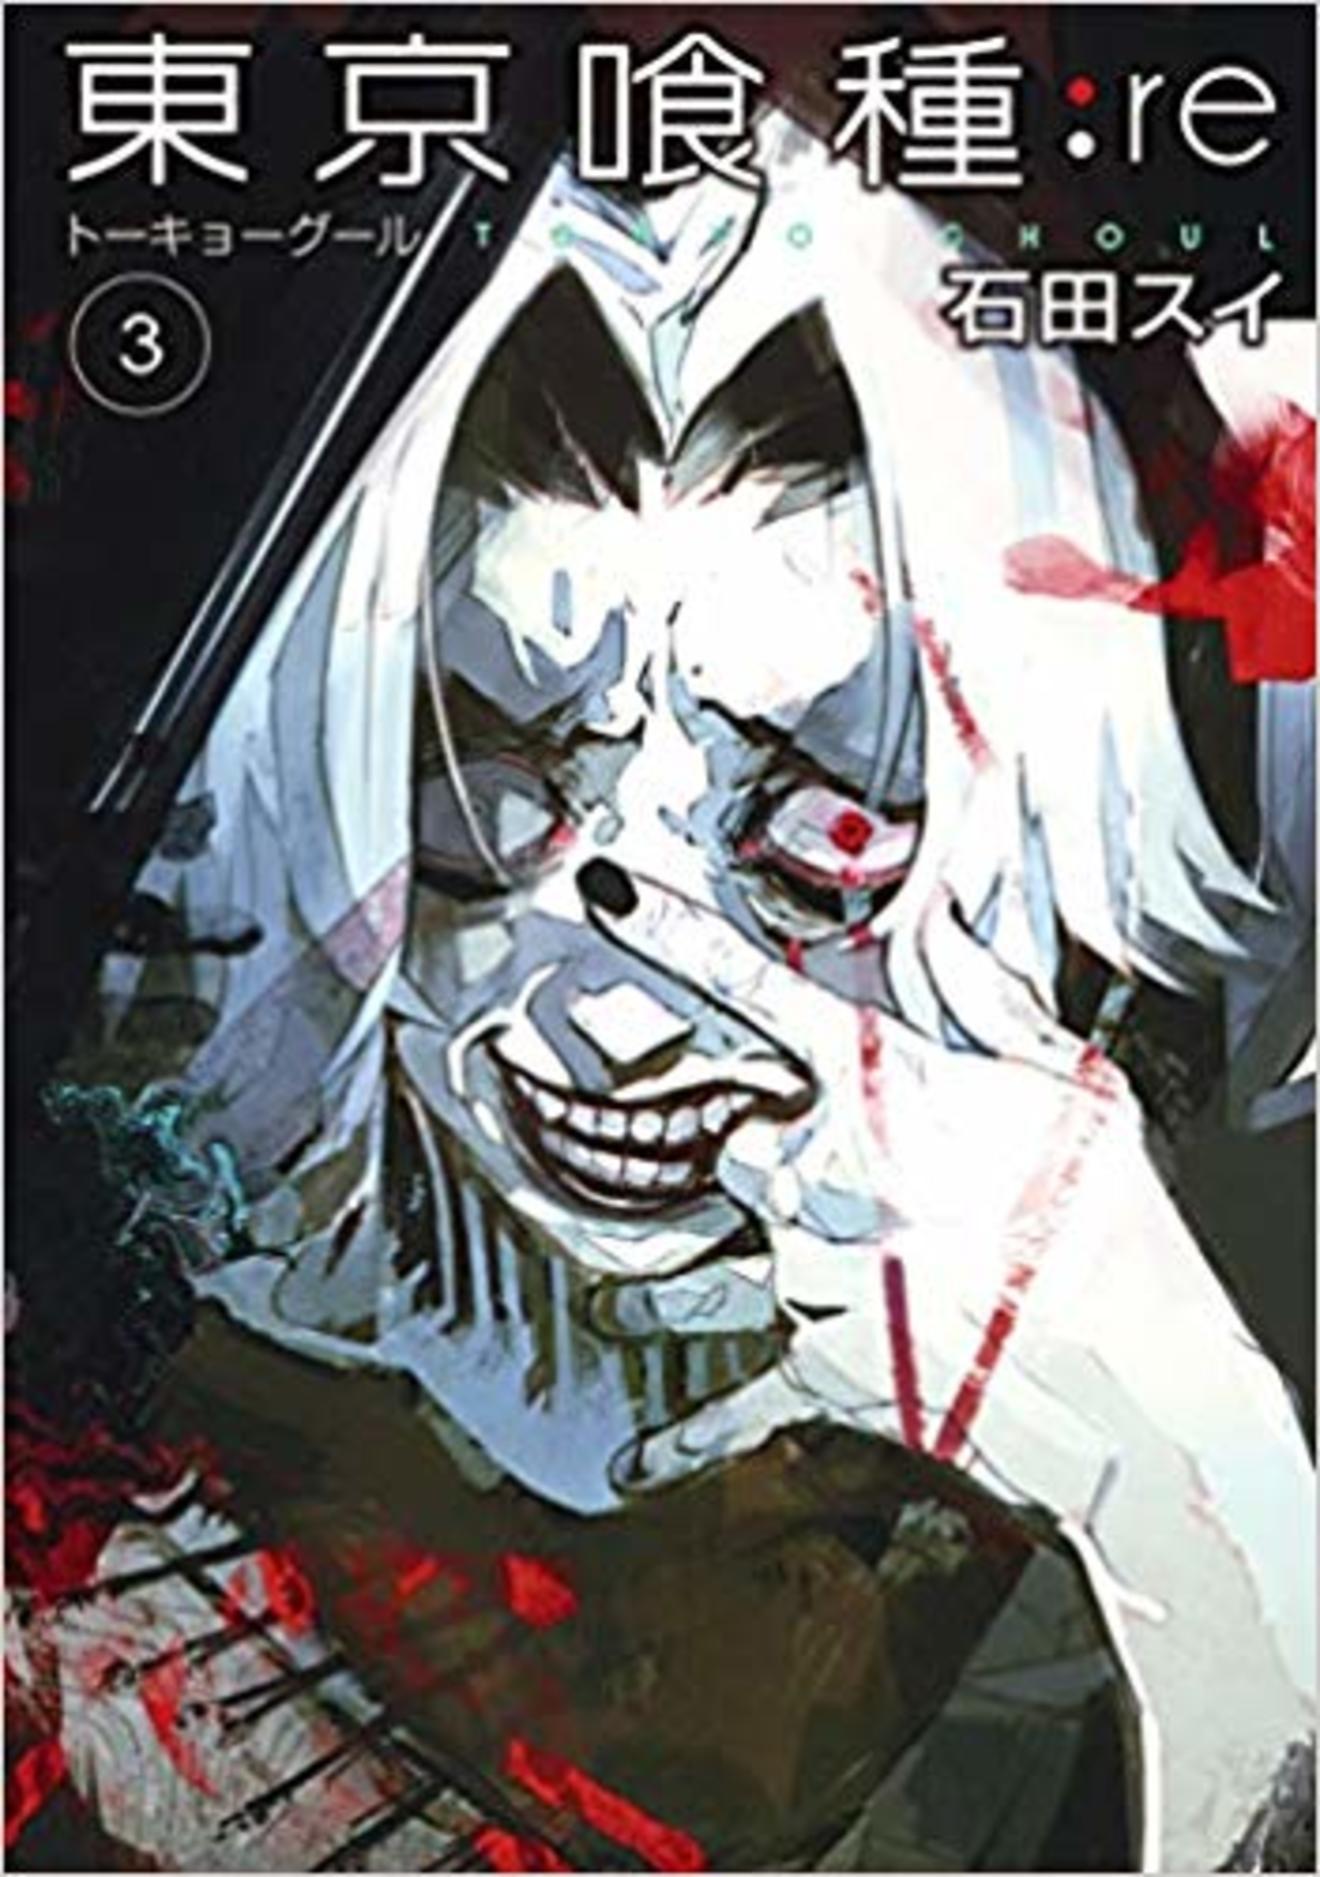 『東京喰種』オウルに関する8の事実!隻眼のグールの正体は?!【ネタバレ】